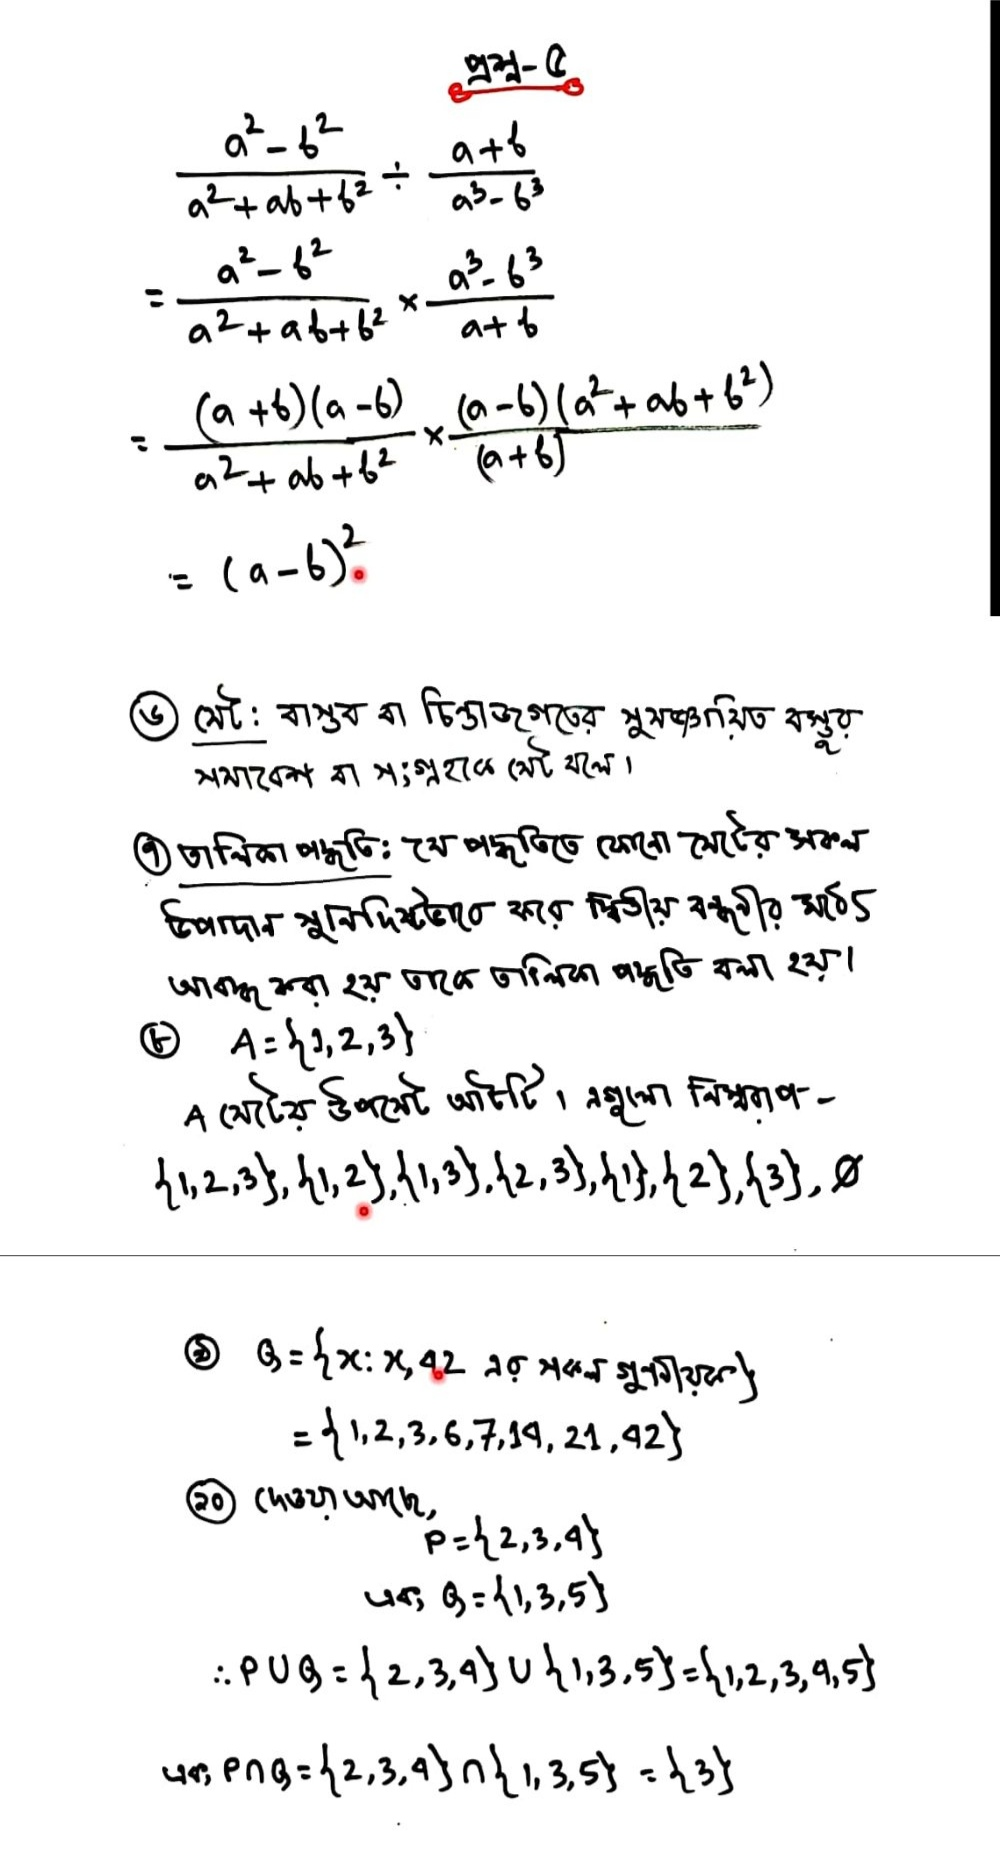 ৮ম শ্রেণির ৫ম সপ্তাহের গণিত এসাইনমেন্ট প্রশ্ন ও সমাধান ২০২০ (সৃজনশীল ও সংক্ষিপ্ত) | Class 8, 5th Week Math Solution